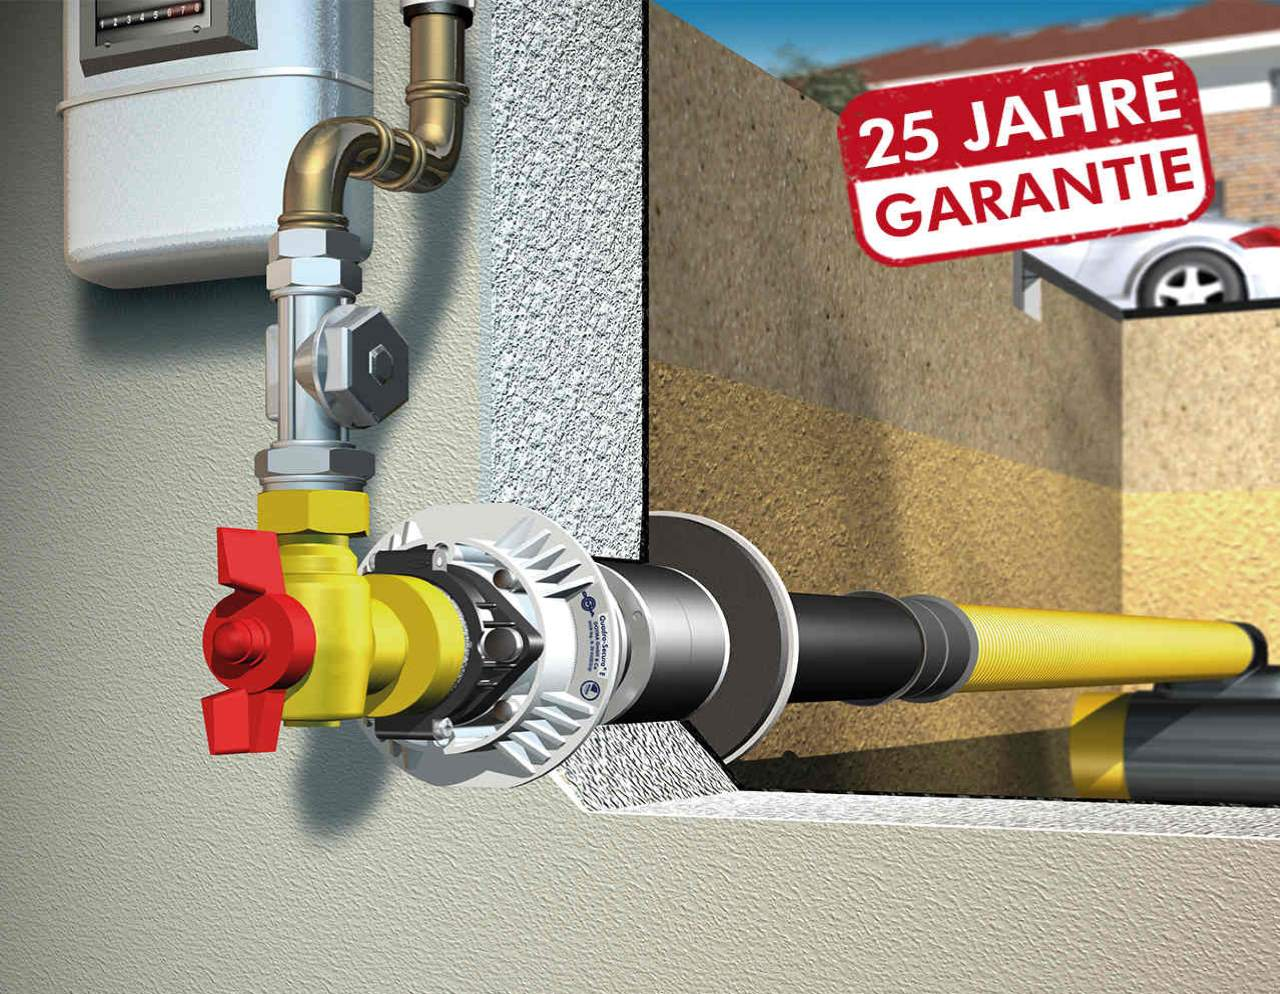 DOYMA 1-Spartenhauseinführung (Gas) für unterkellerte Gebäude